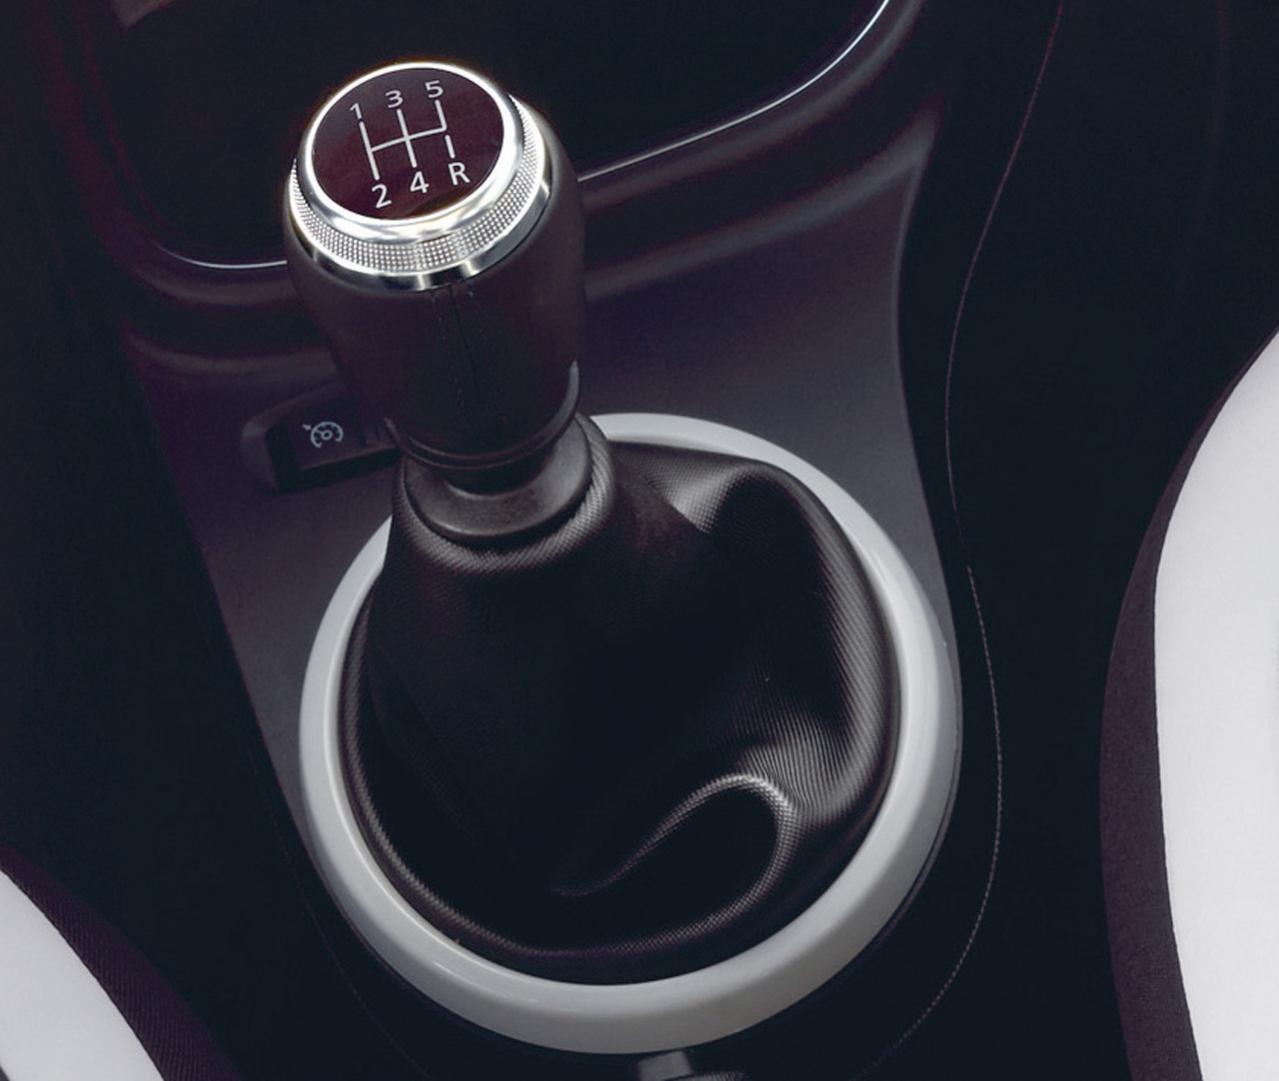 ルノー・トゥインゴに5速MTを搭載した「トゥインゴS」が登場! 税込価格は179万円